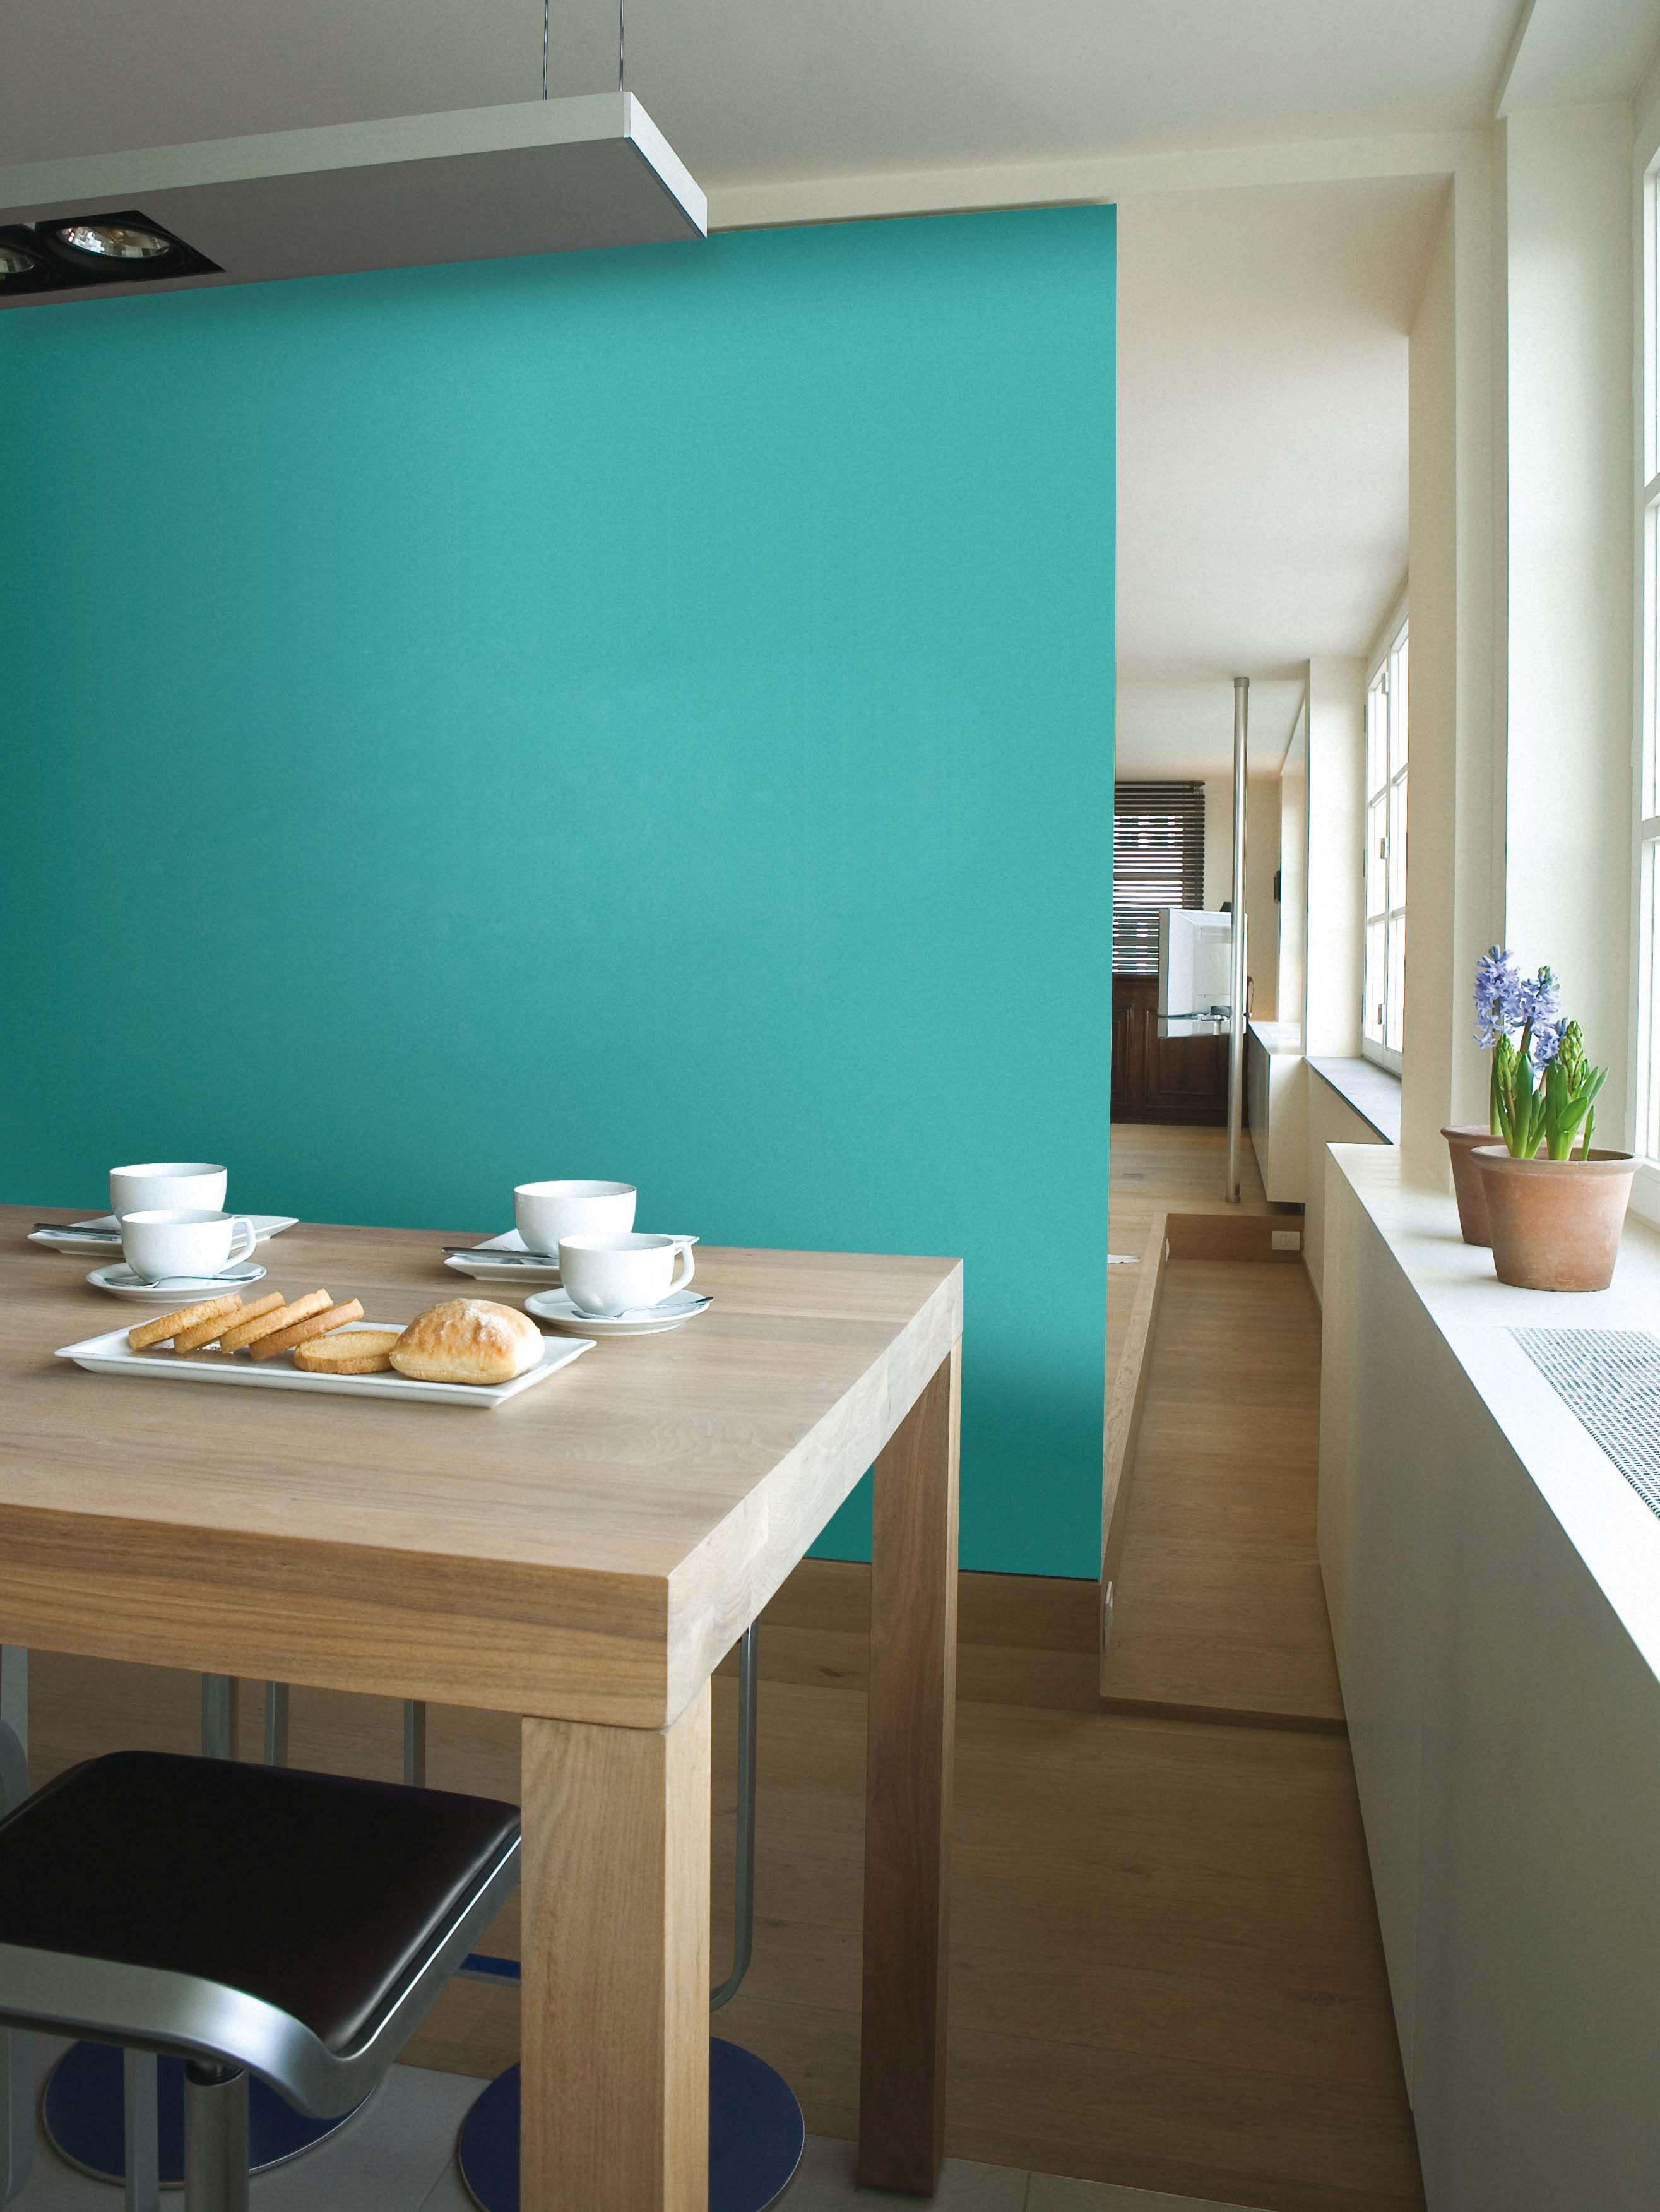 Salon estilo contemporaneo color turquesa marron blanco - Banos turquesa y marron ...